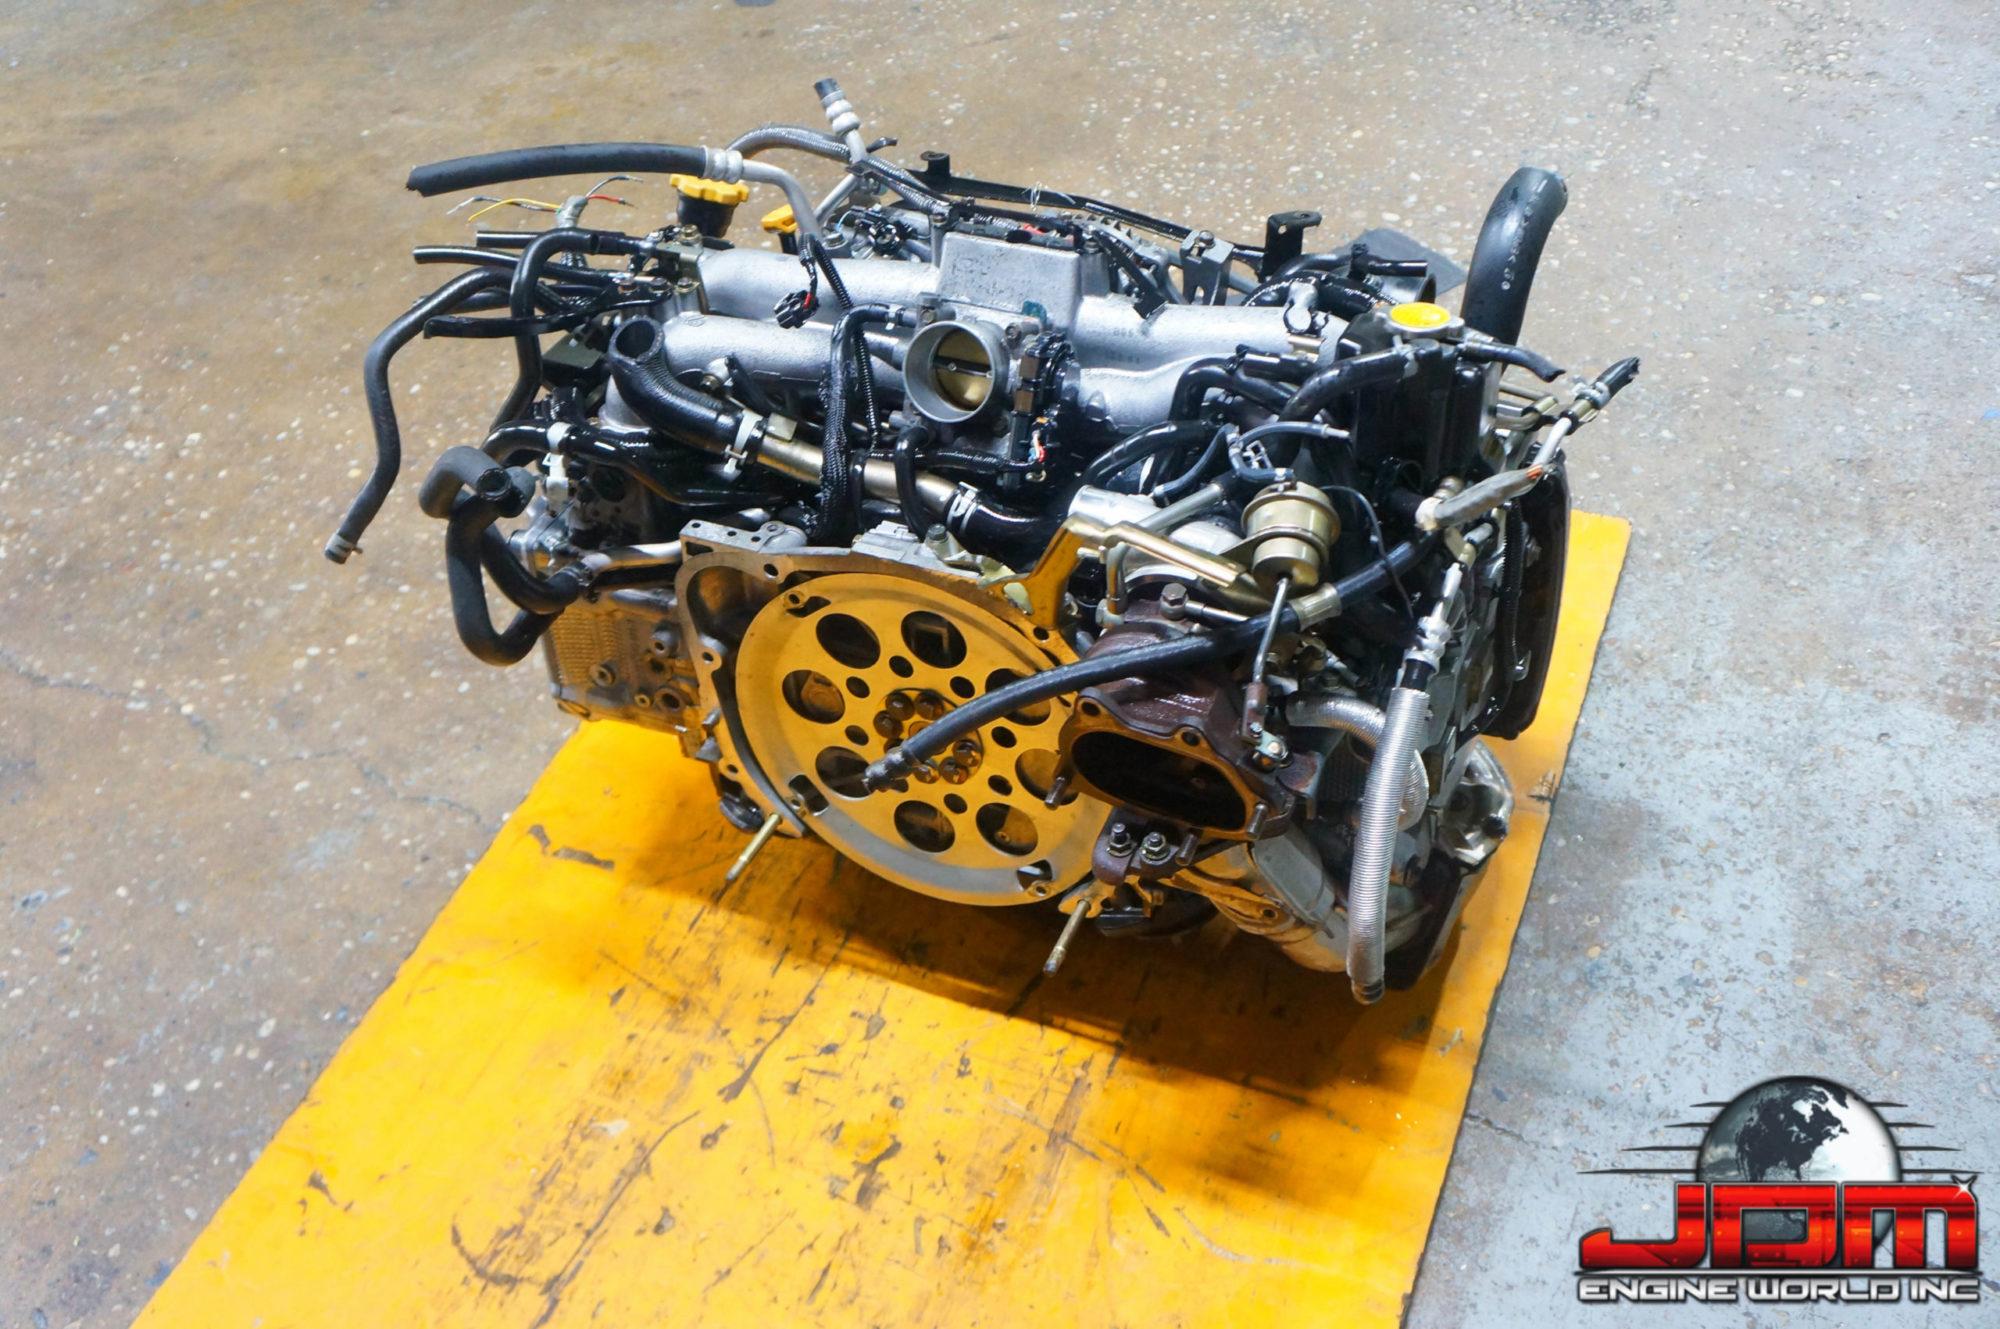 02-05 SUBARU IMPREZA WRX DOHC 2.0L TURBO AVCS ENGINE